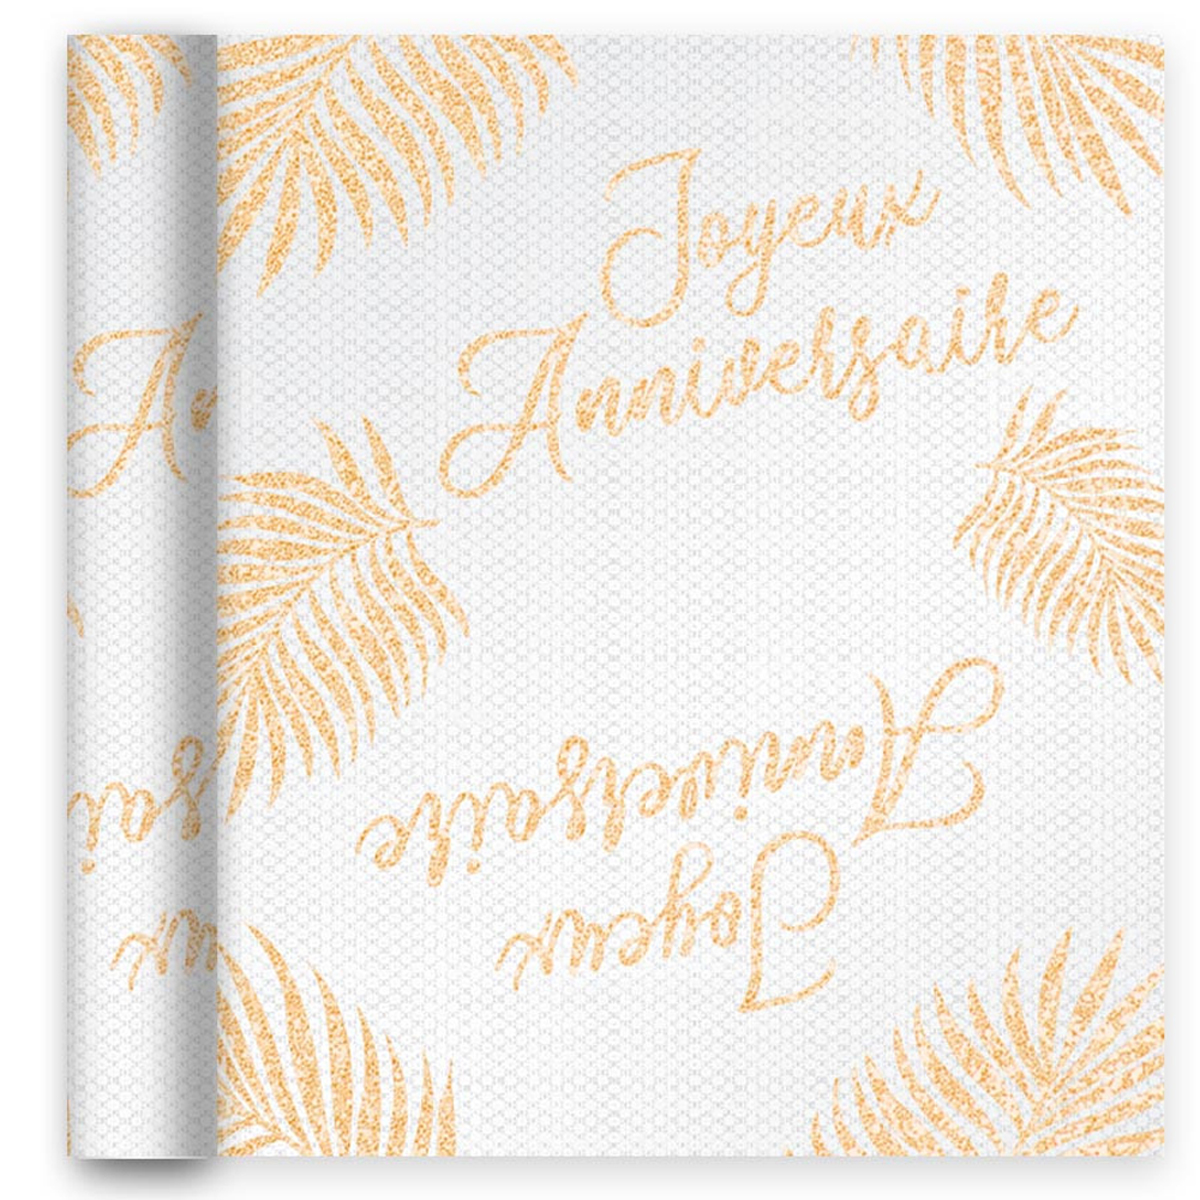 Chemin de table voile pailletté \'Joyeux Anniversaire\' doré rosé (tropical, monstera) - 4 m x 28 cm - [A3173]